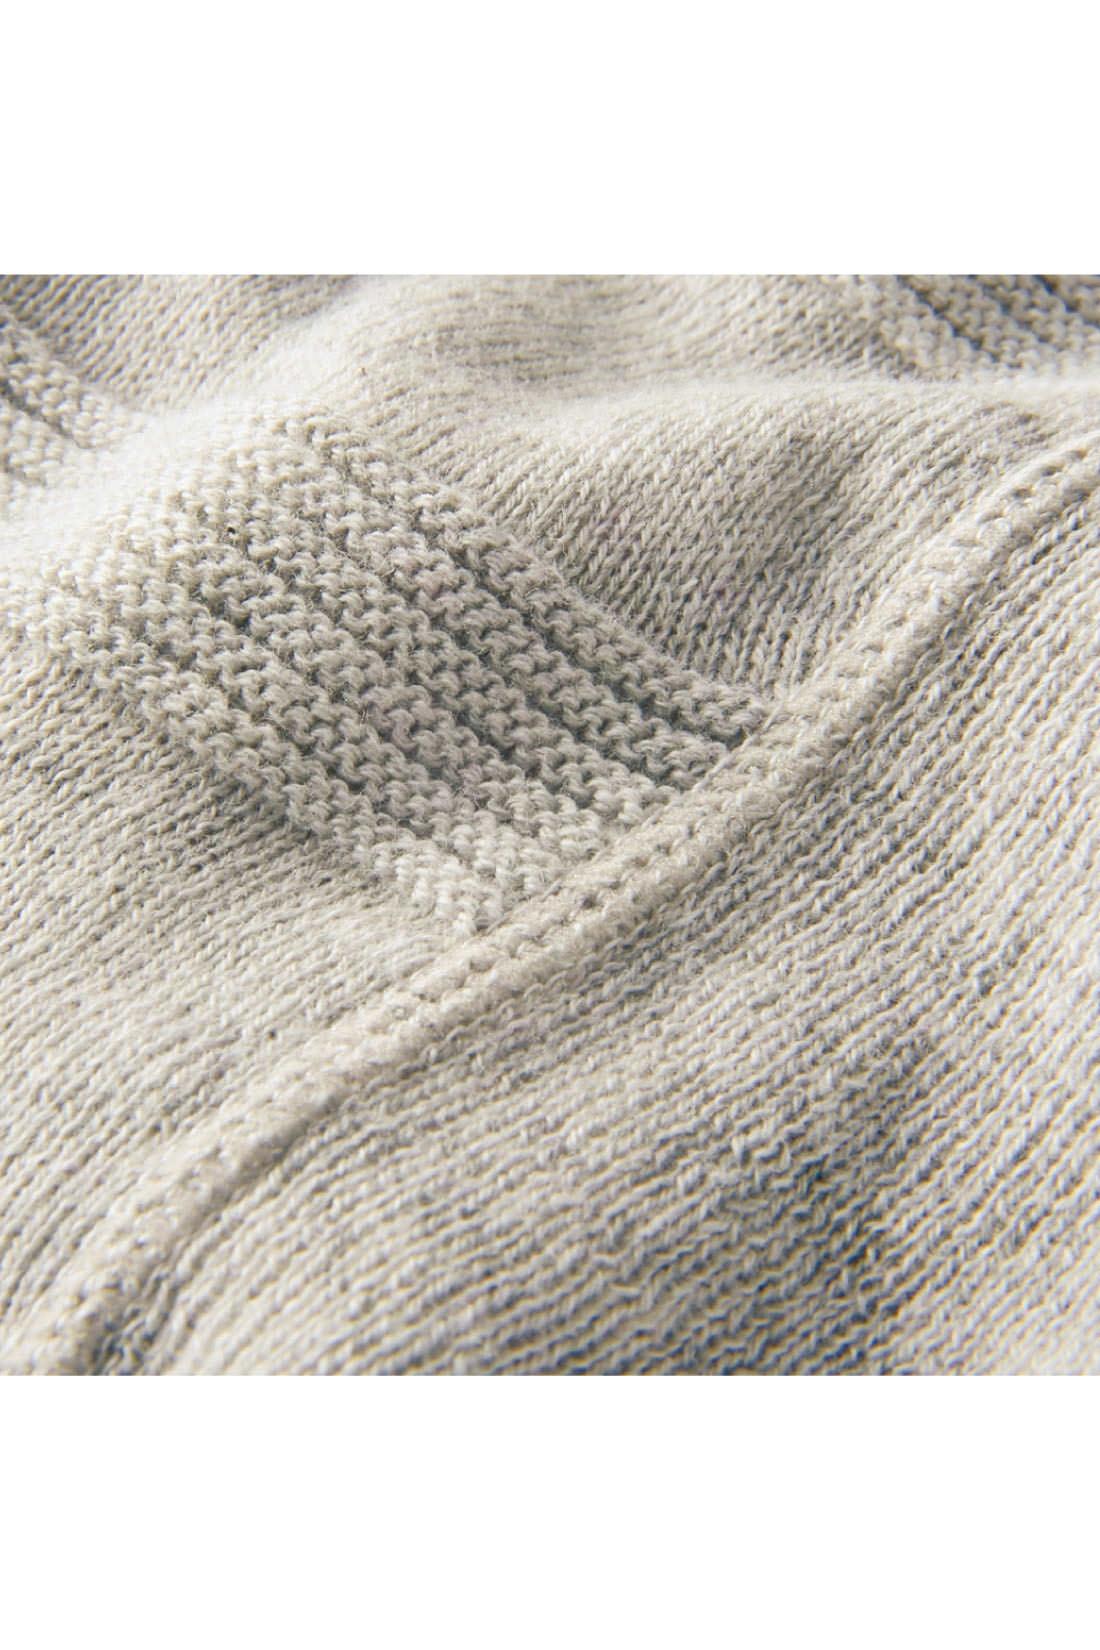 天じく編み×ガーター編みでボーダーに見える構成。わきはゴム編みで切り替えて、すっきり細見え。